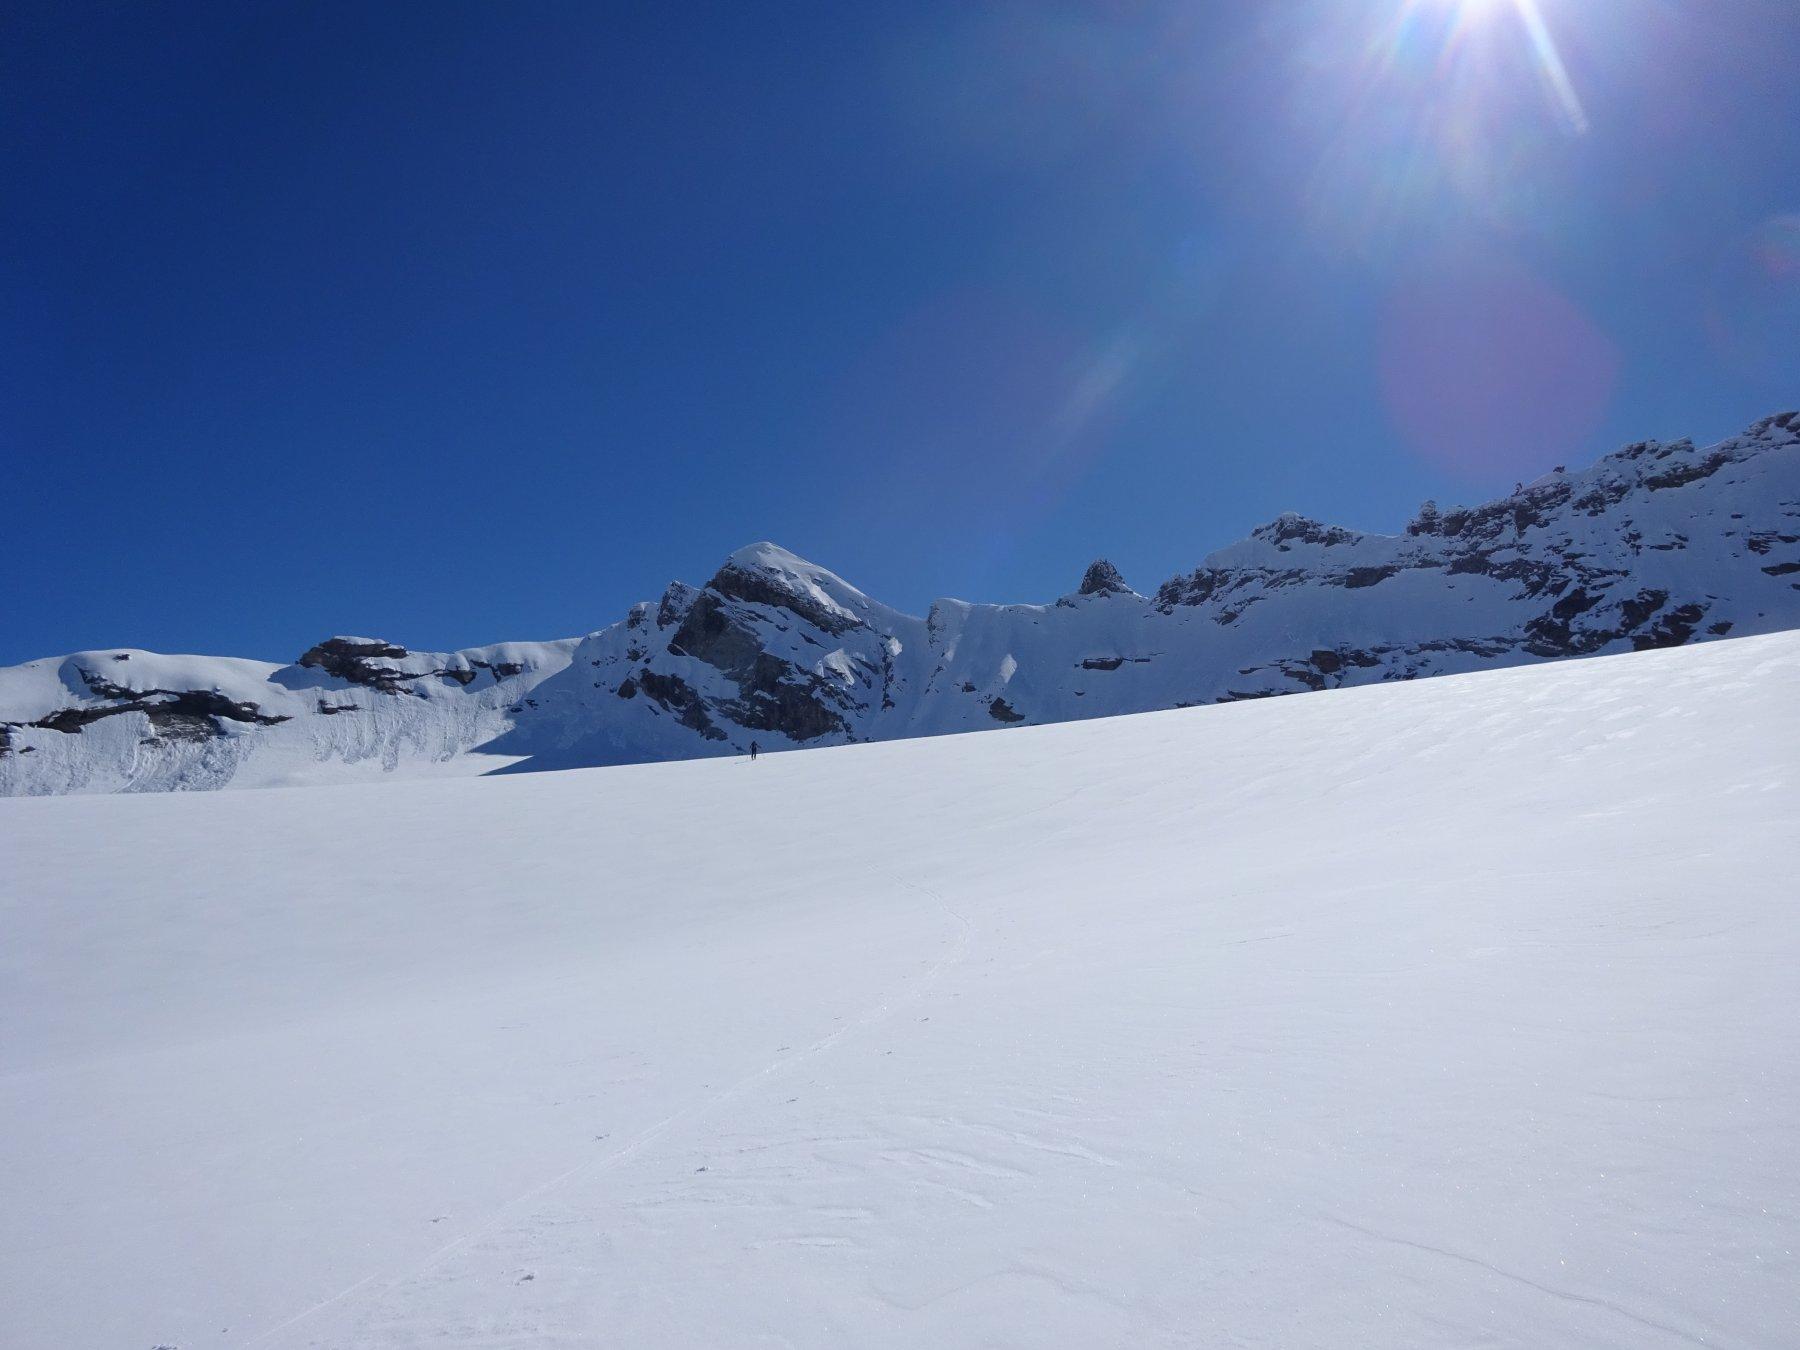 Sui piani glaciali, inconfondibile la siluette elegante della Martellot